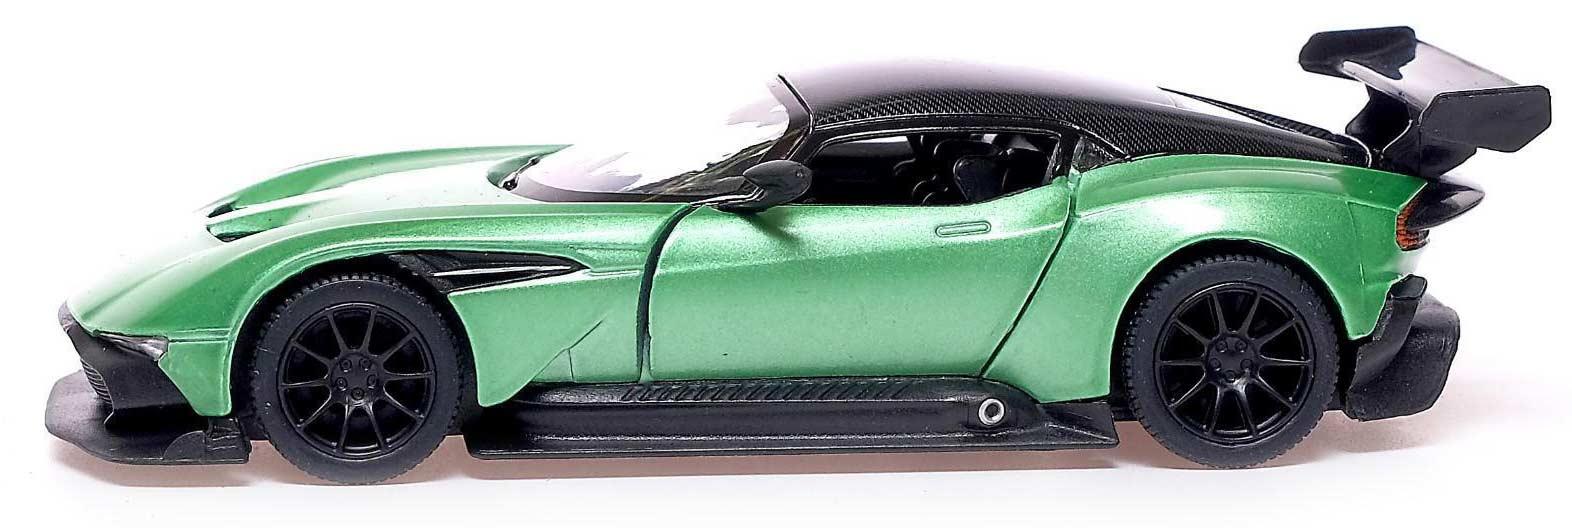 Металлическая машинка Kinsmart 1:38 «Aston Martin Vulcan» KT5407D, инерционная / Микс